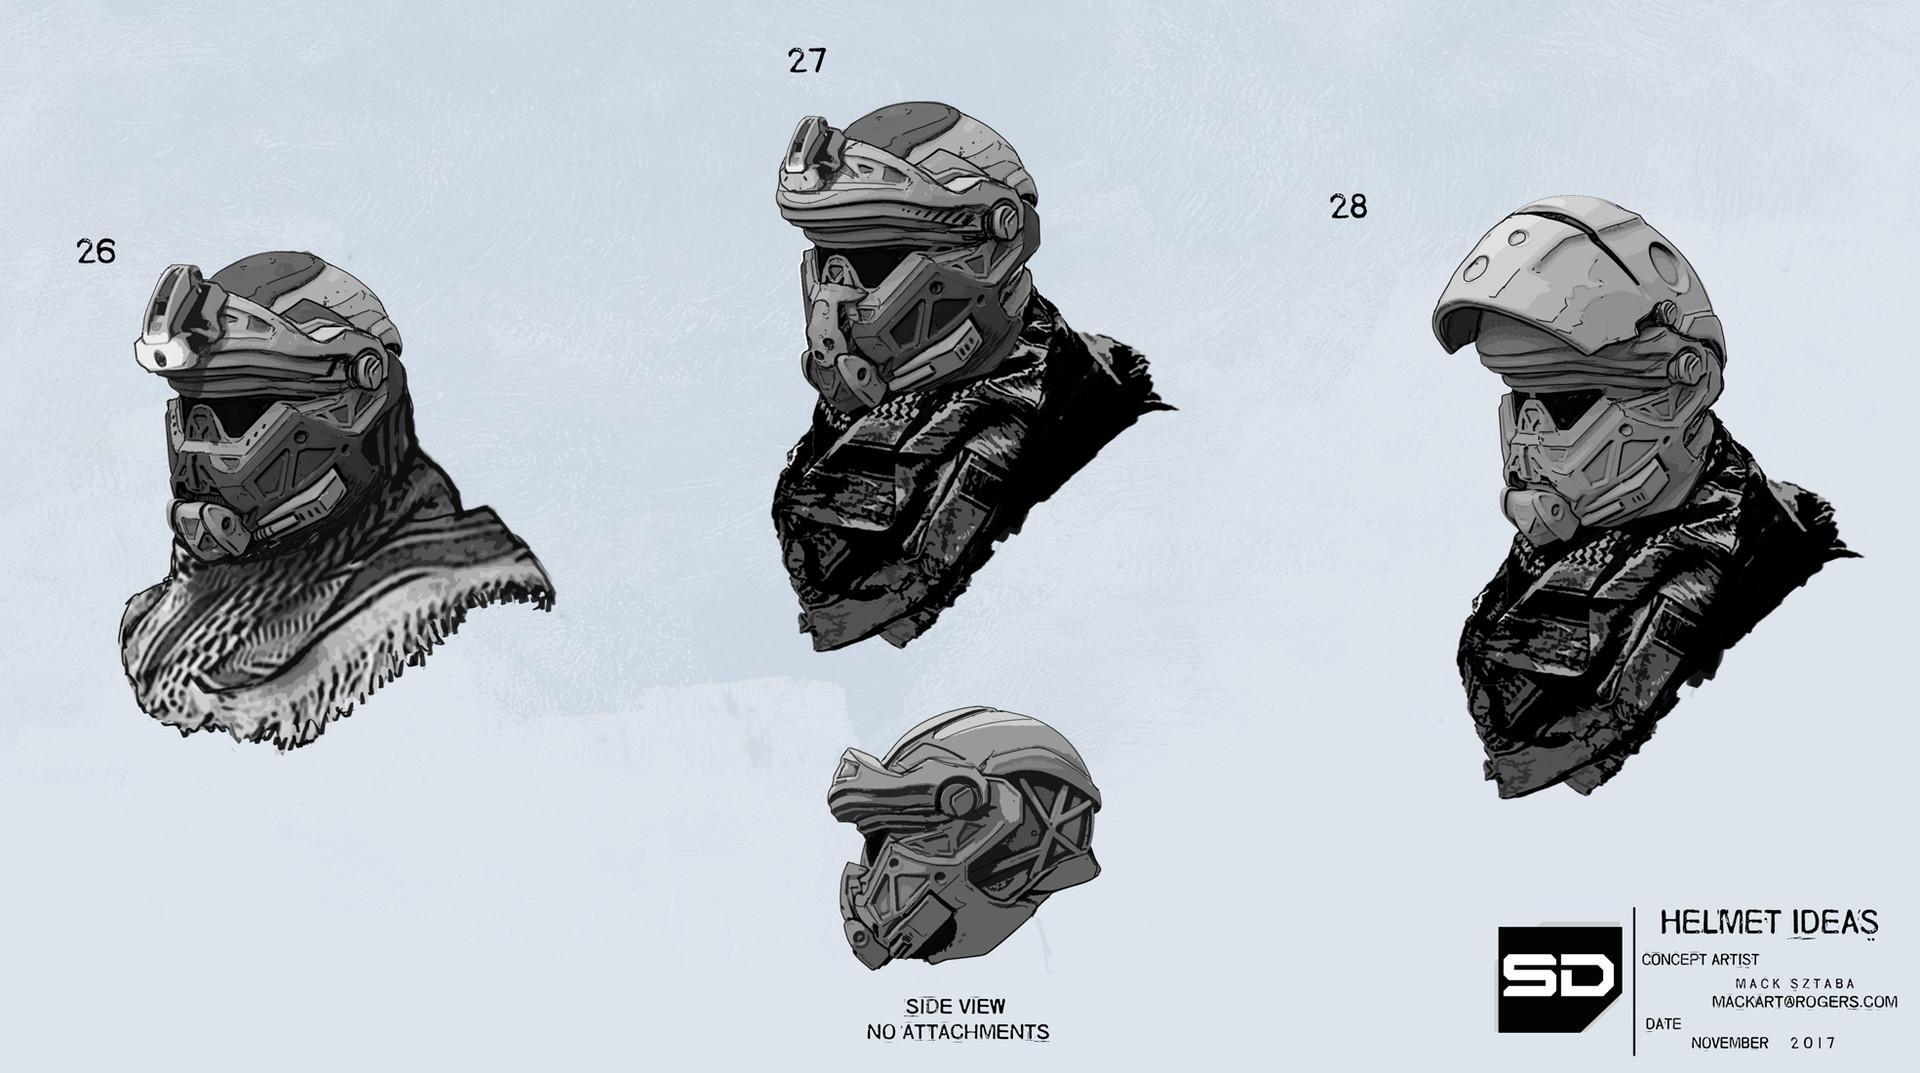 Mack sztaba helmet ideas 5